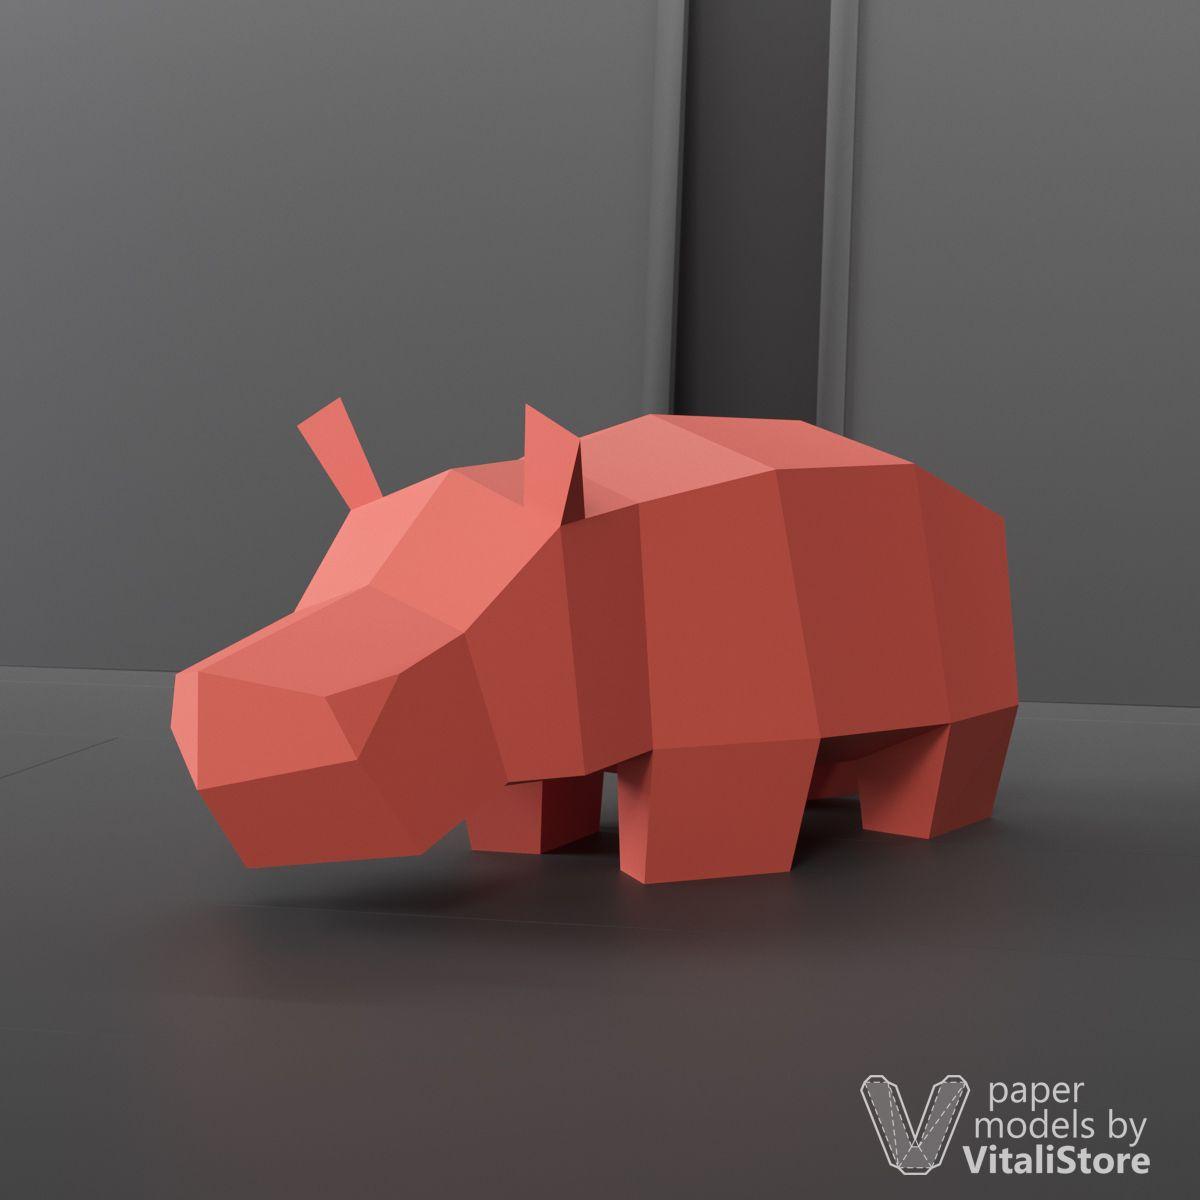 Hippo Papercraft Paper Sculpture, DIY Gift | 3D Papercraft | Paper